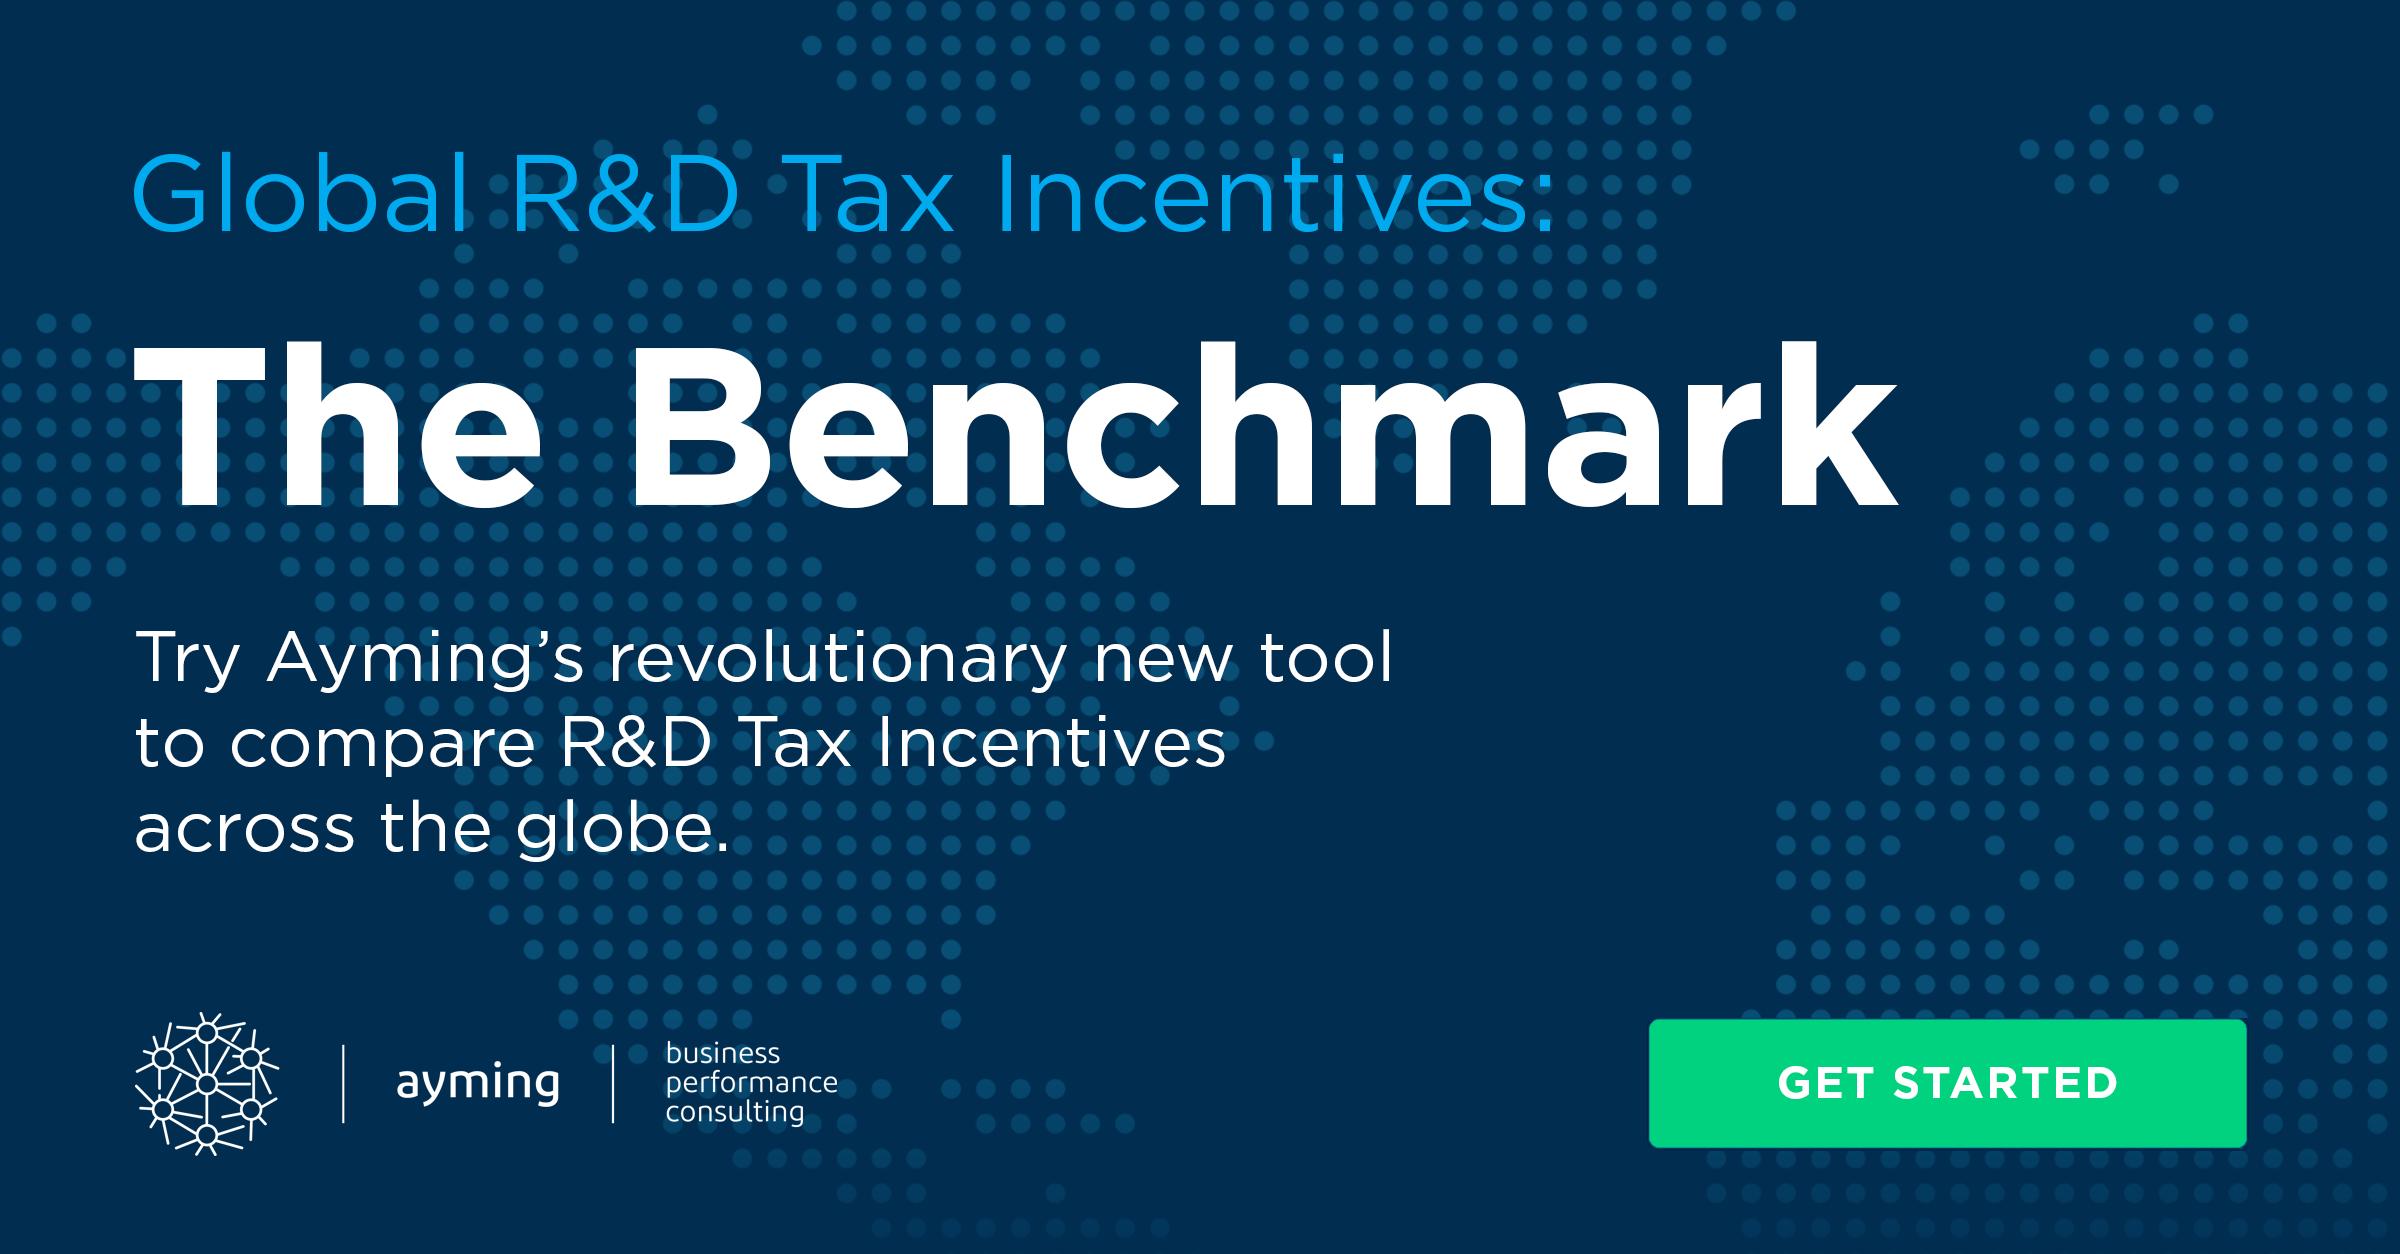 Tutti gli incentivi per ricerca e sviluppo in un tool